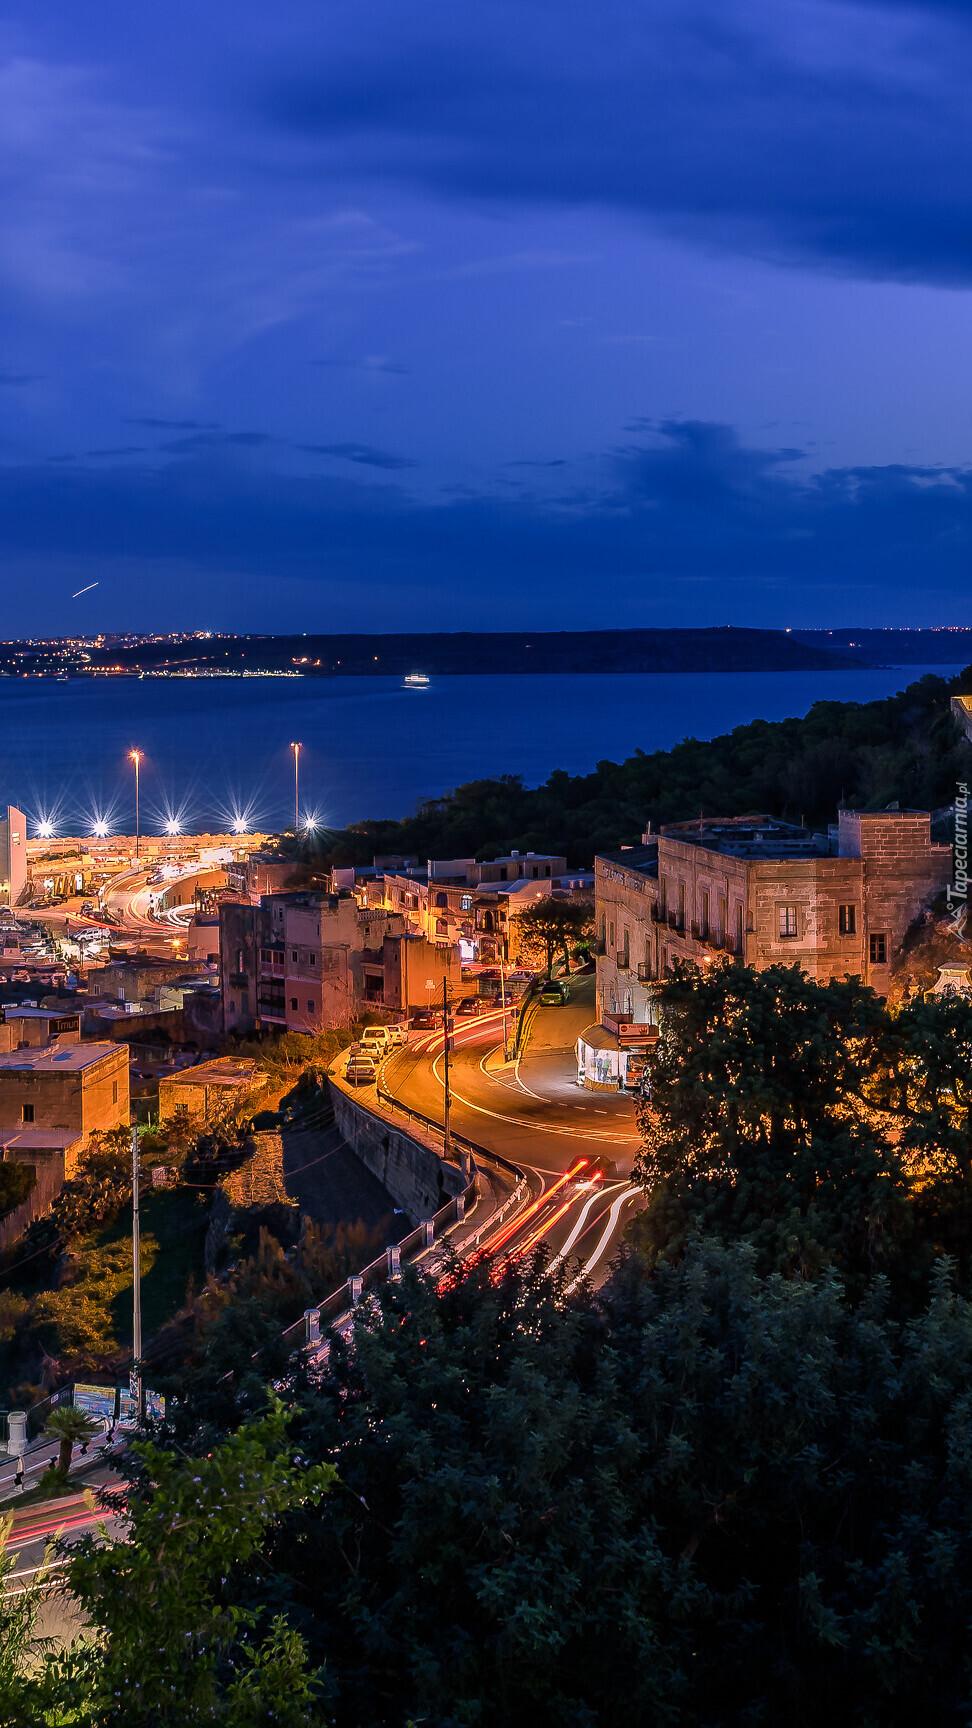 Mgarr na wyspie Gozo nocą